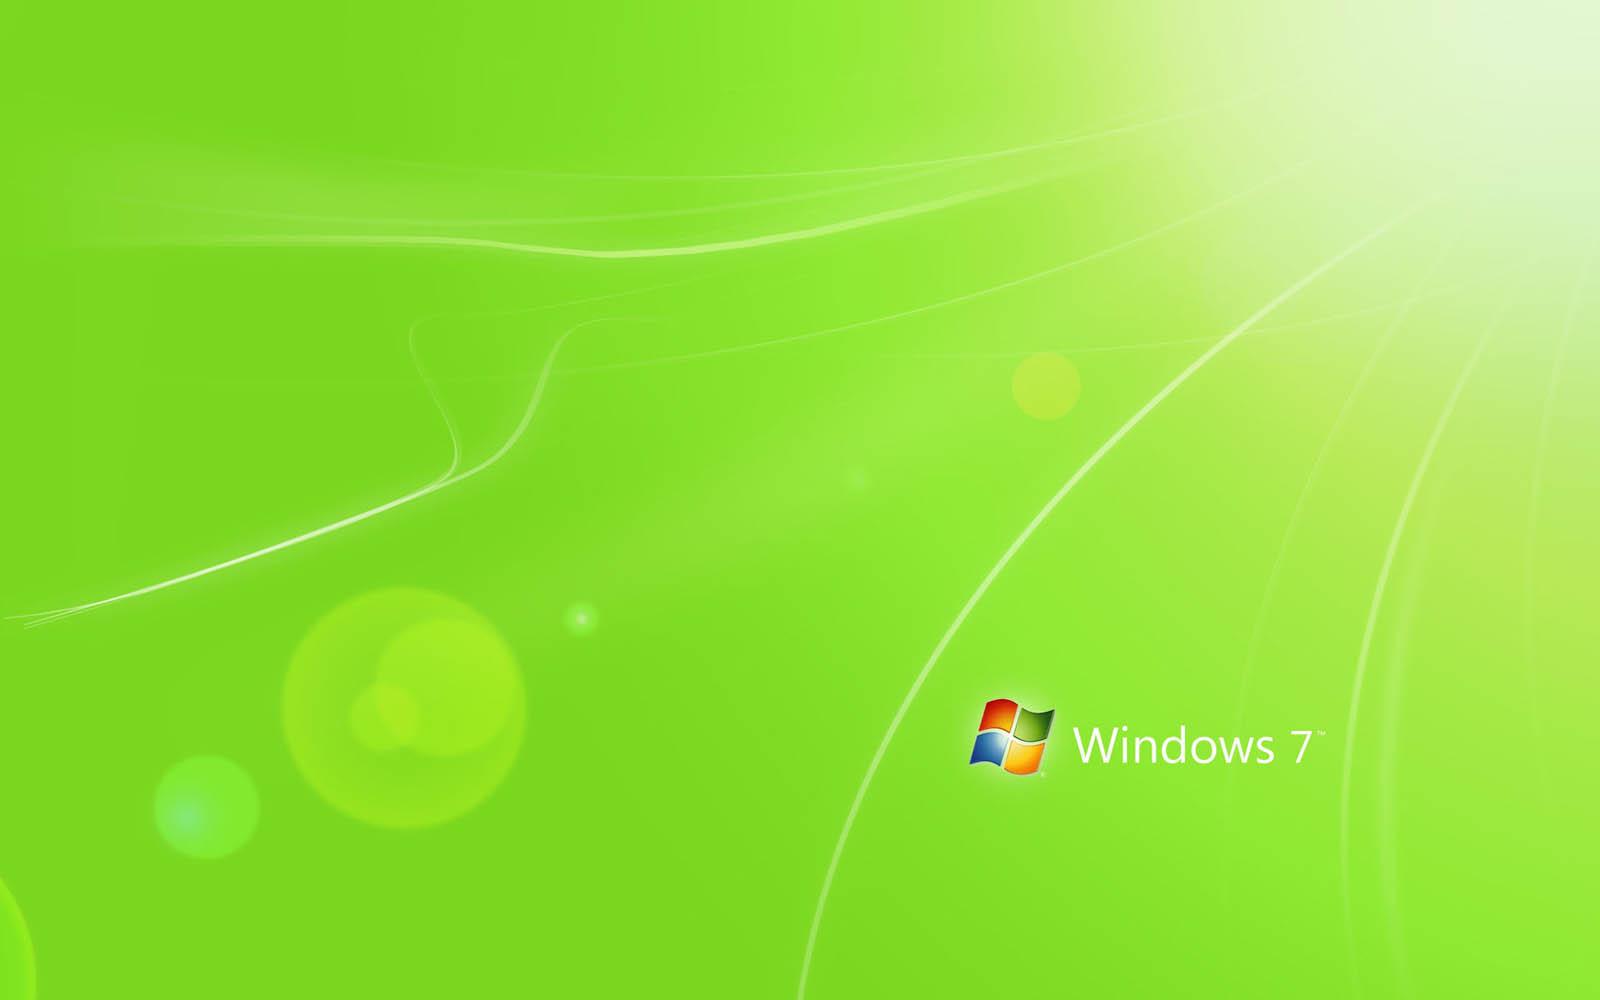 Wallpapers green windows 7 wallpapers - Fondos de escritorio para windows 7 gratis ...